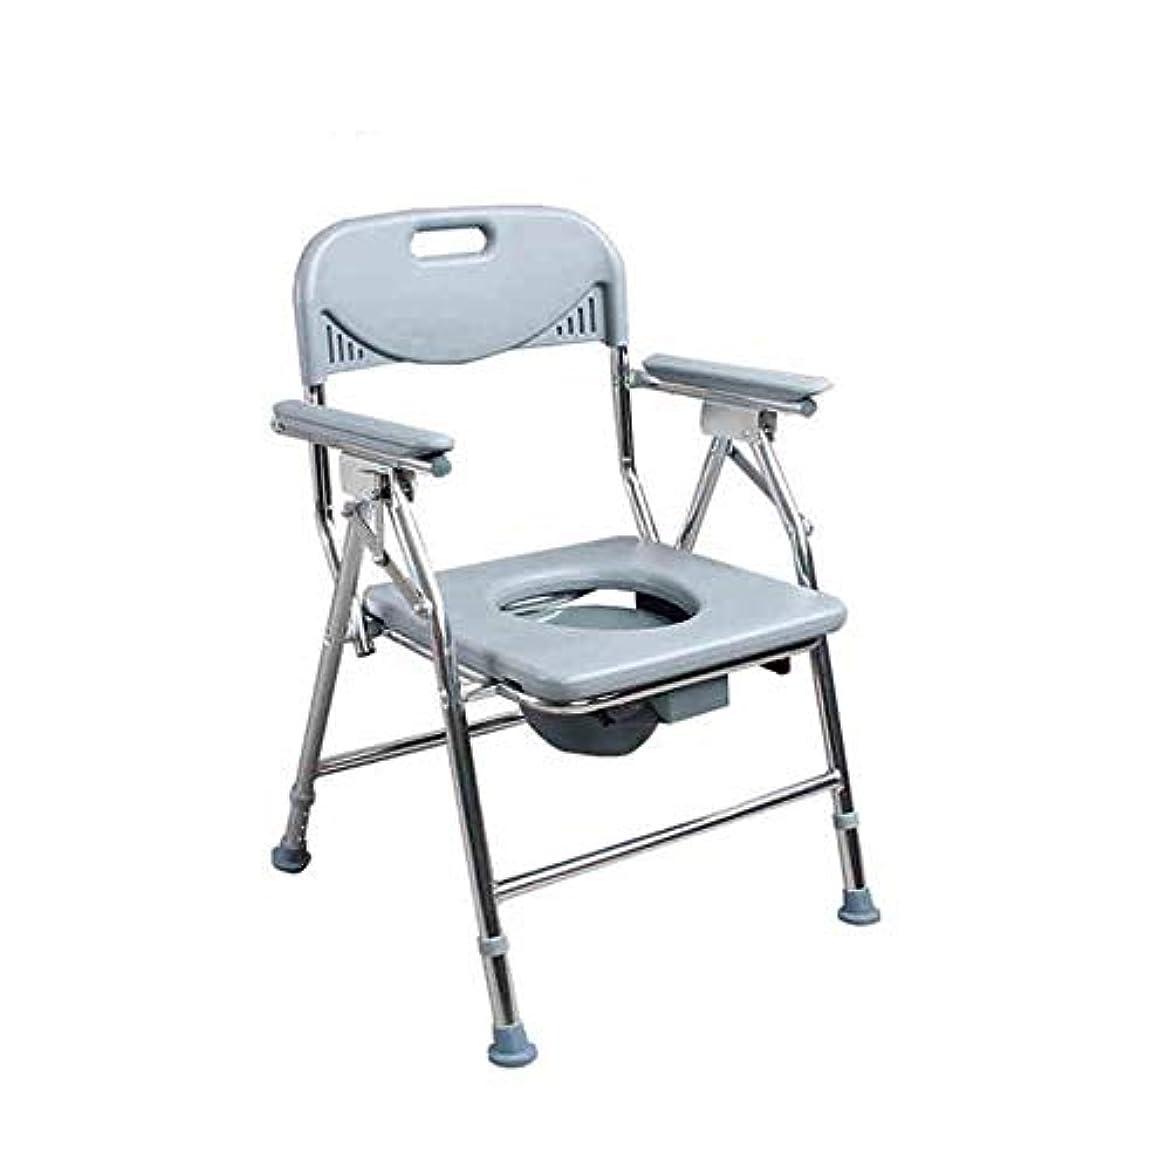 スポーツの試合を担当している人アナロジー騒ぎ上部に簡単に取り外し可能なポットを備えた折りたたみ式の便器椅子